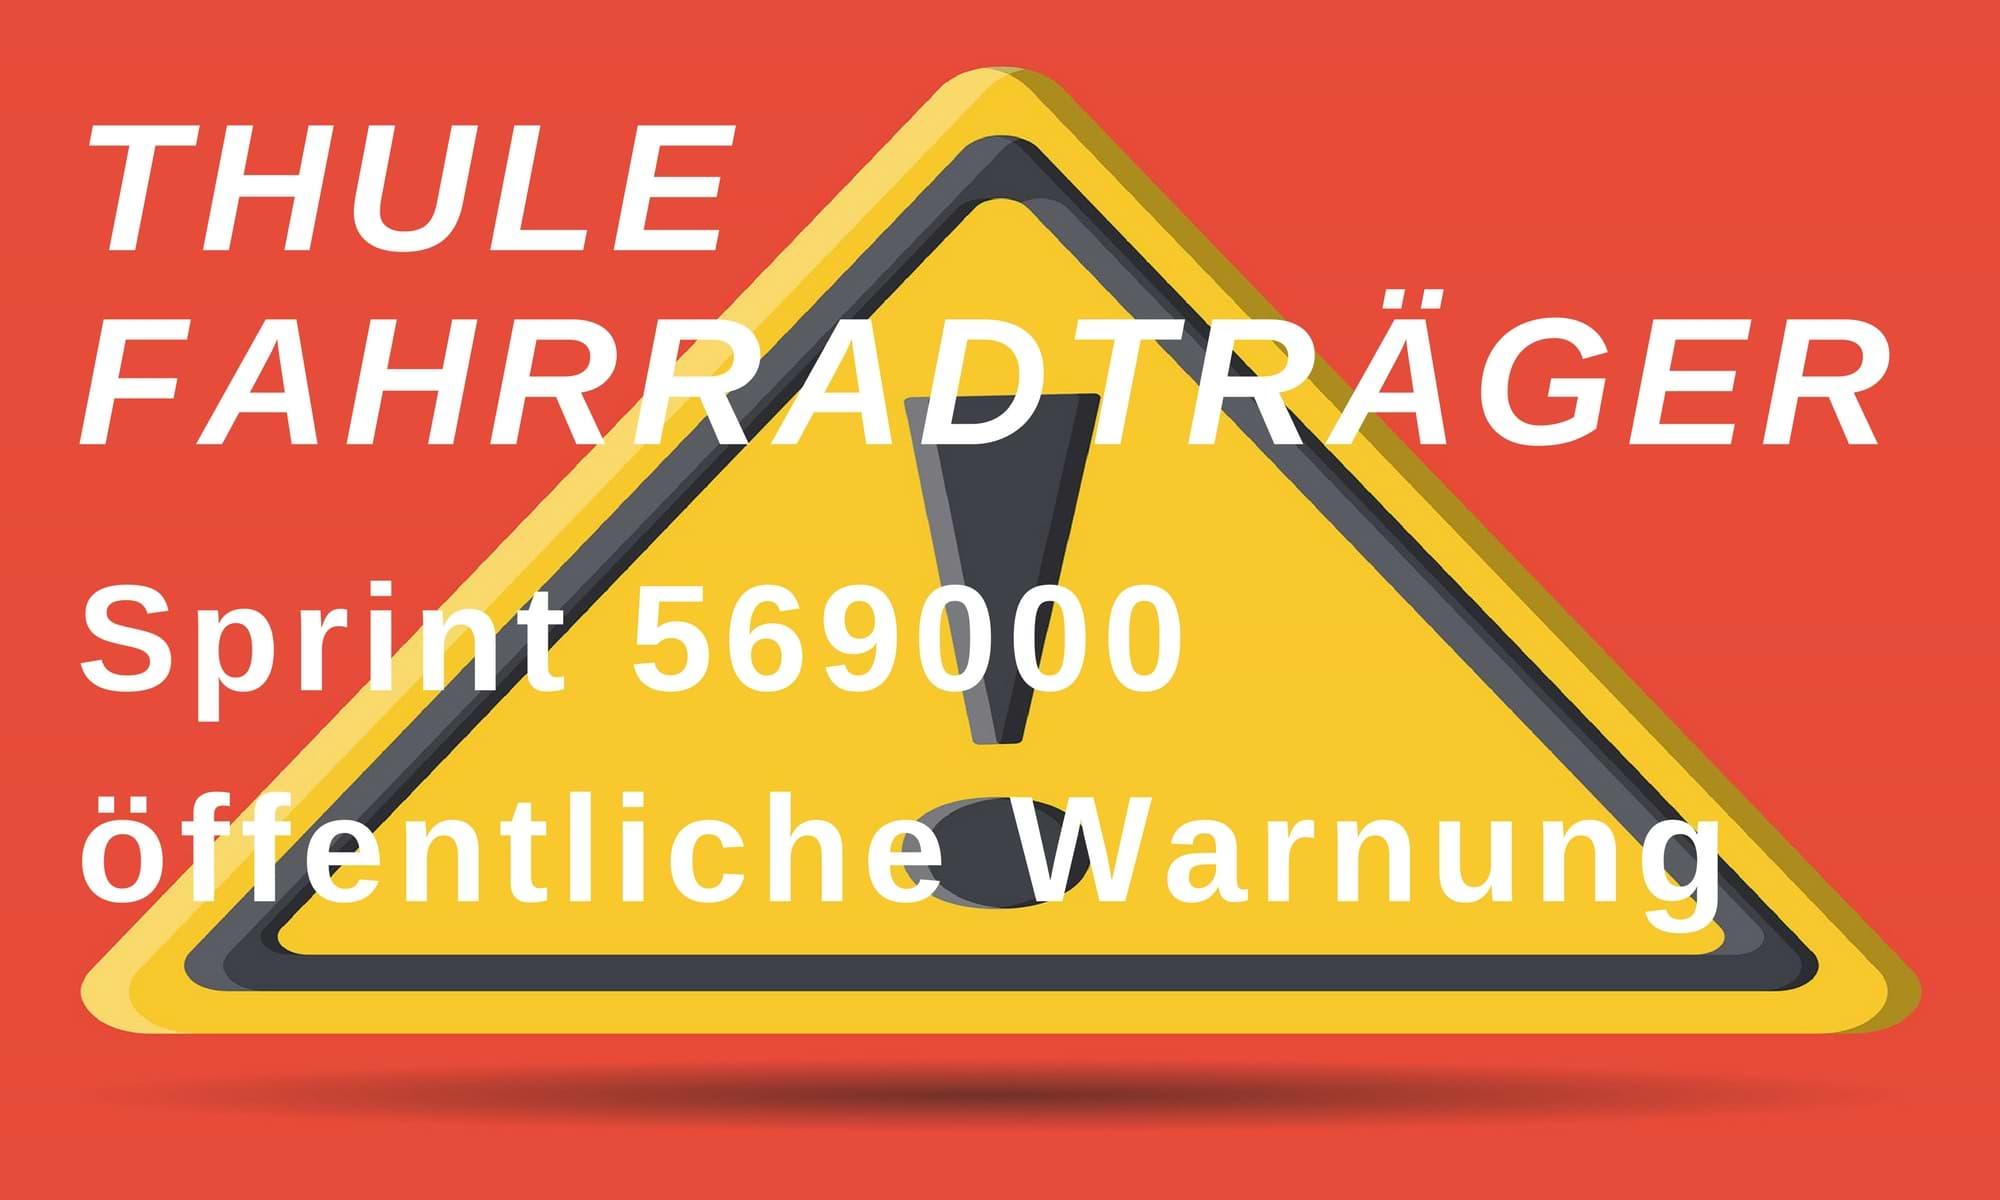 Thule Fahrradtraeger oeffentliche Warnung